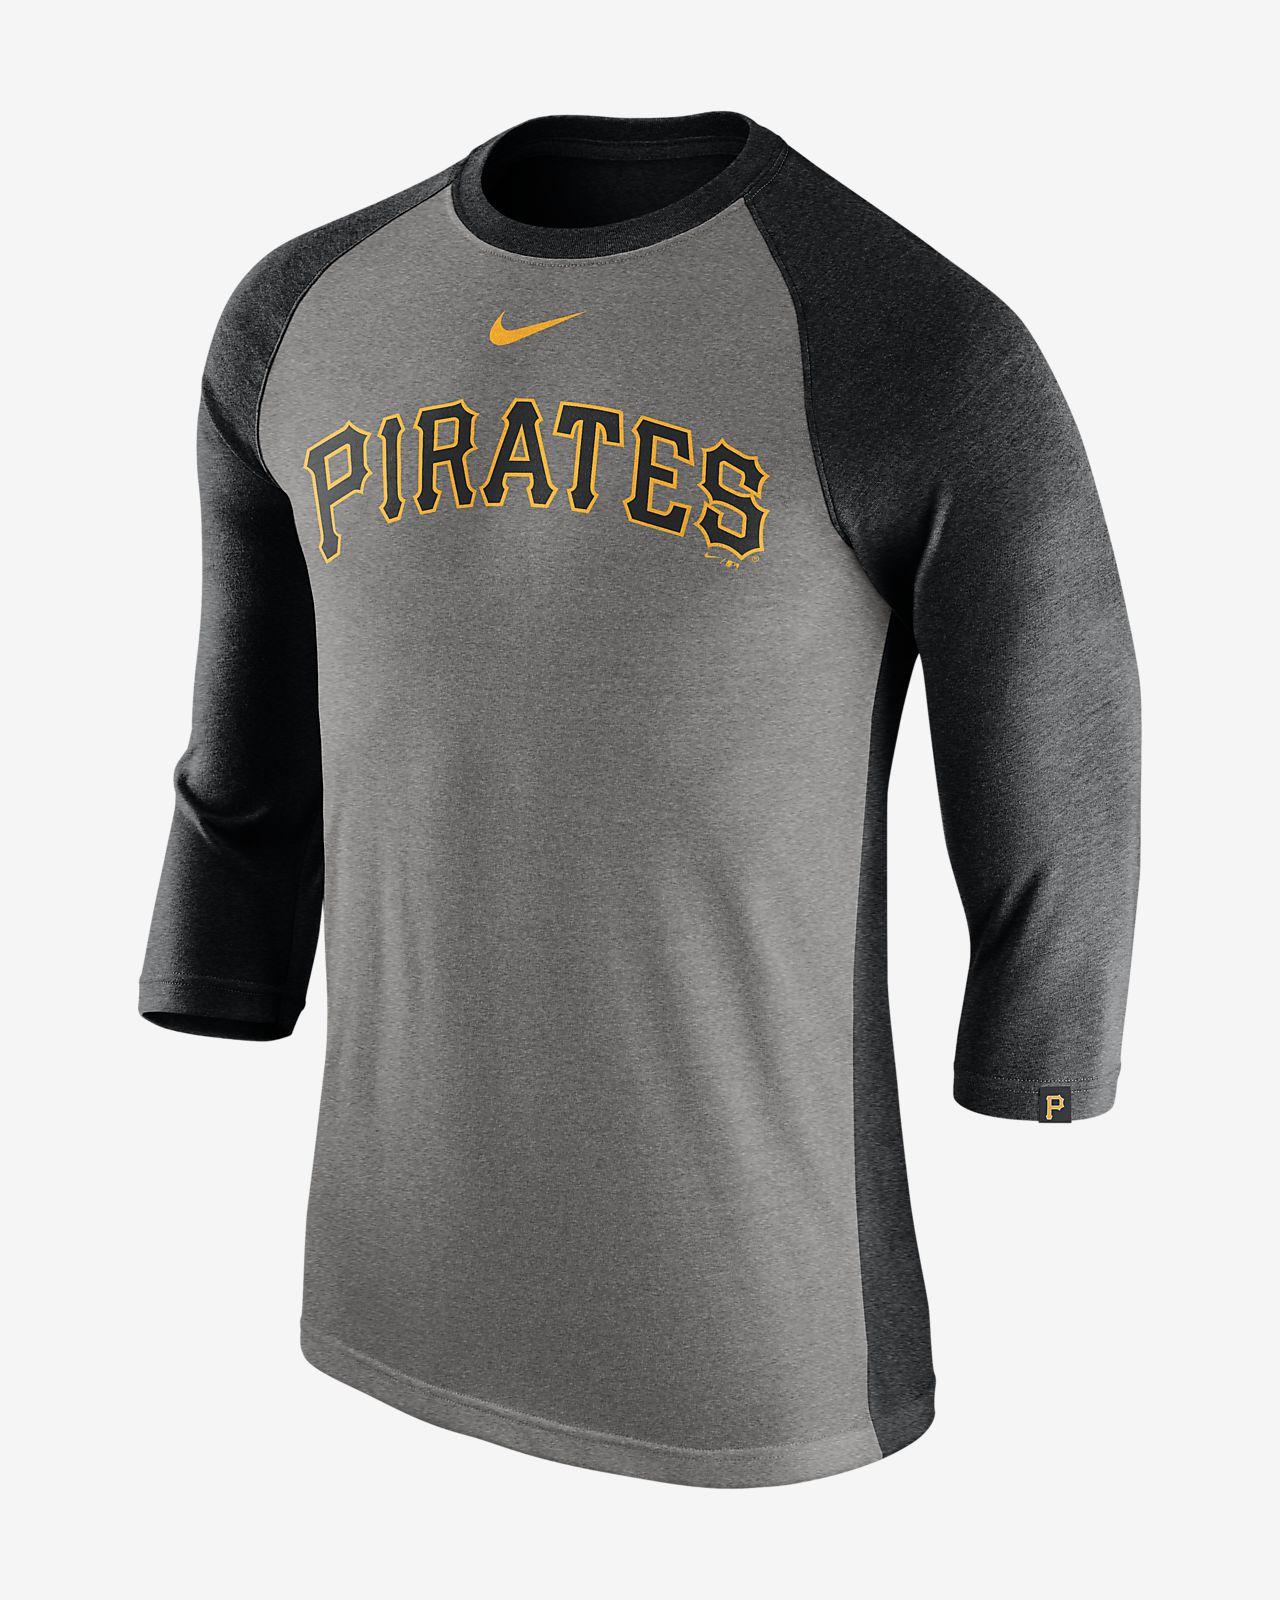 Nike Tri Raglan (MLB Pirates) Men's 3/4 Sleeve Top